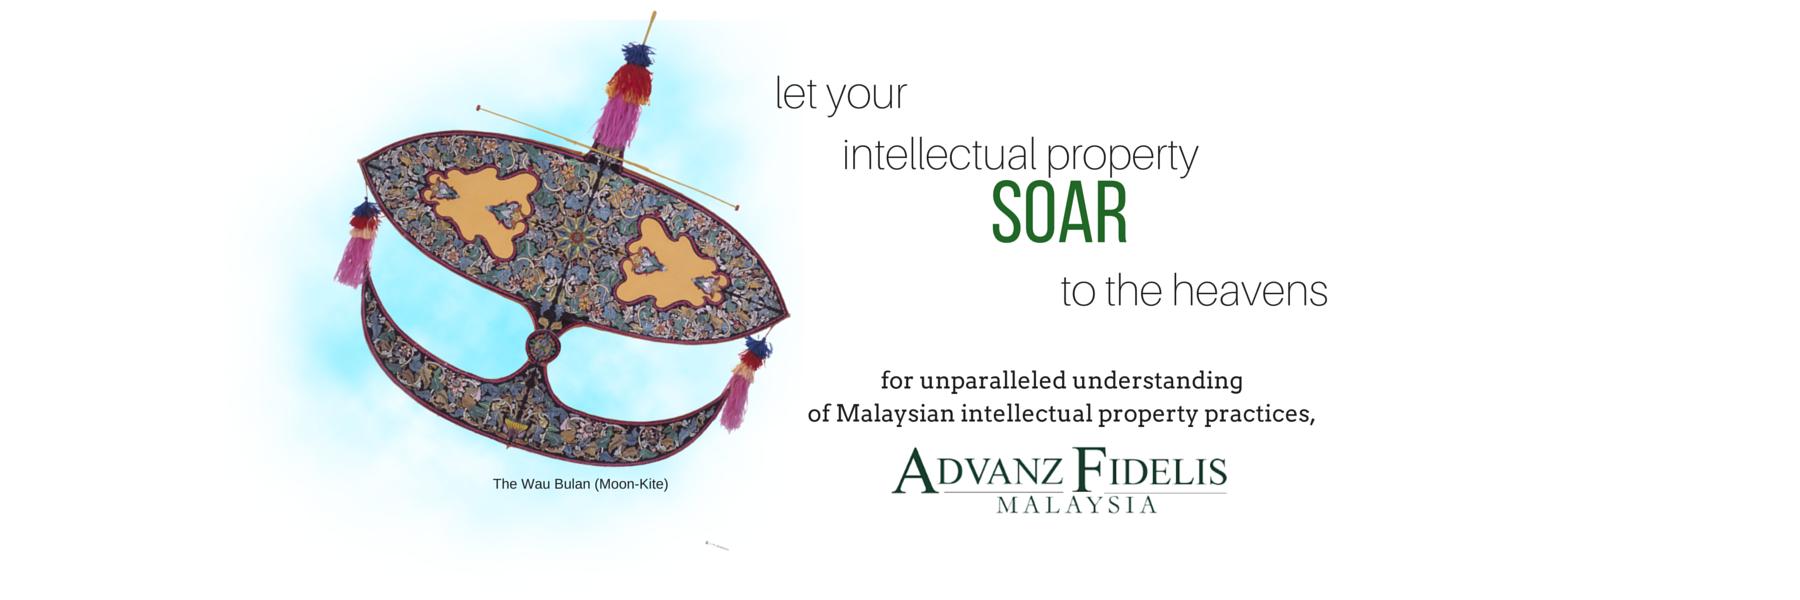 Malaysian Intellectual Property - ID